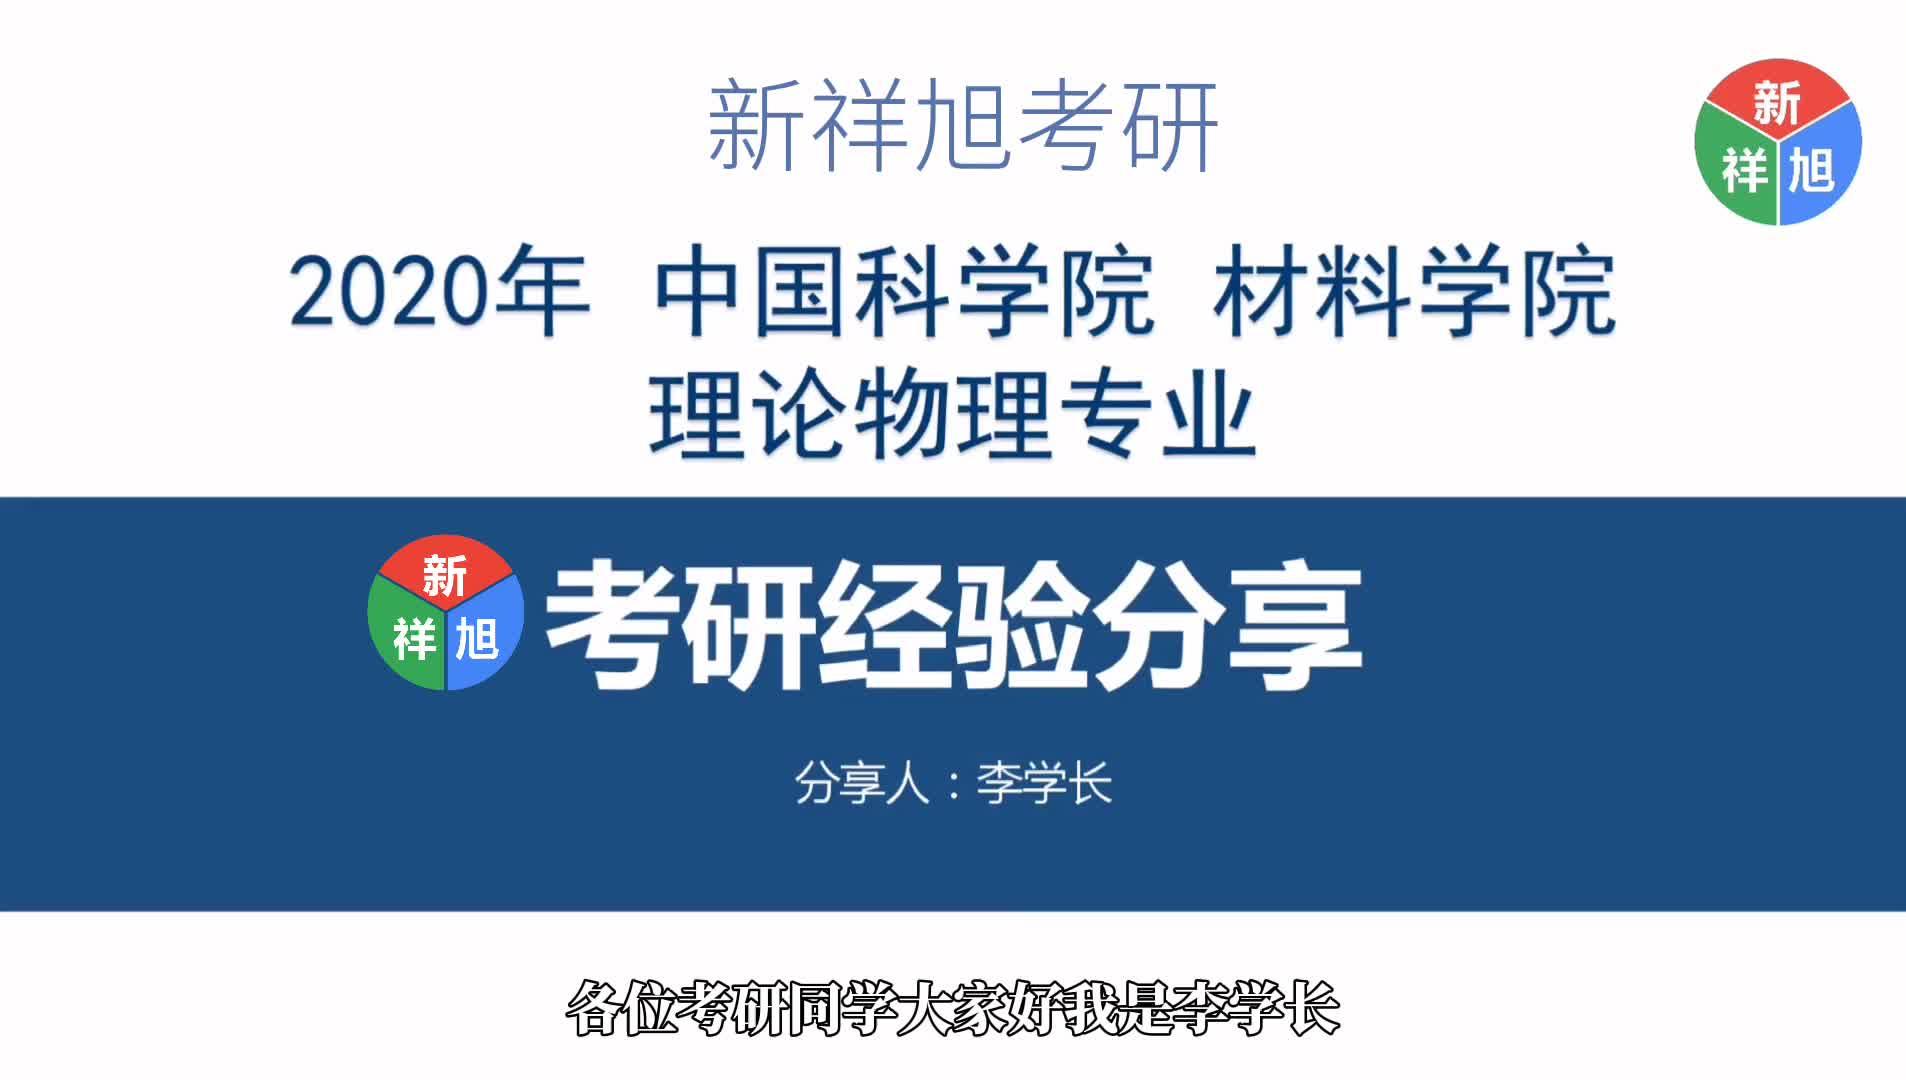 新祥旭学员分享:2020年中国科学院材料学员理论物理考研经验分享.MP4